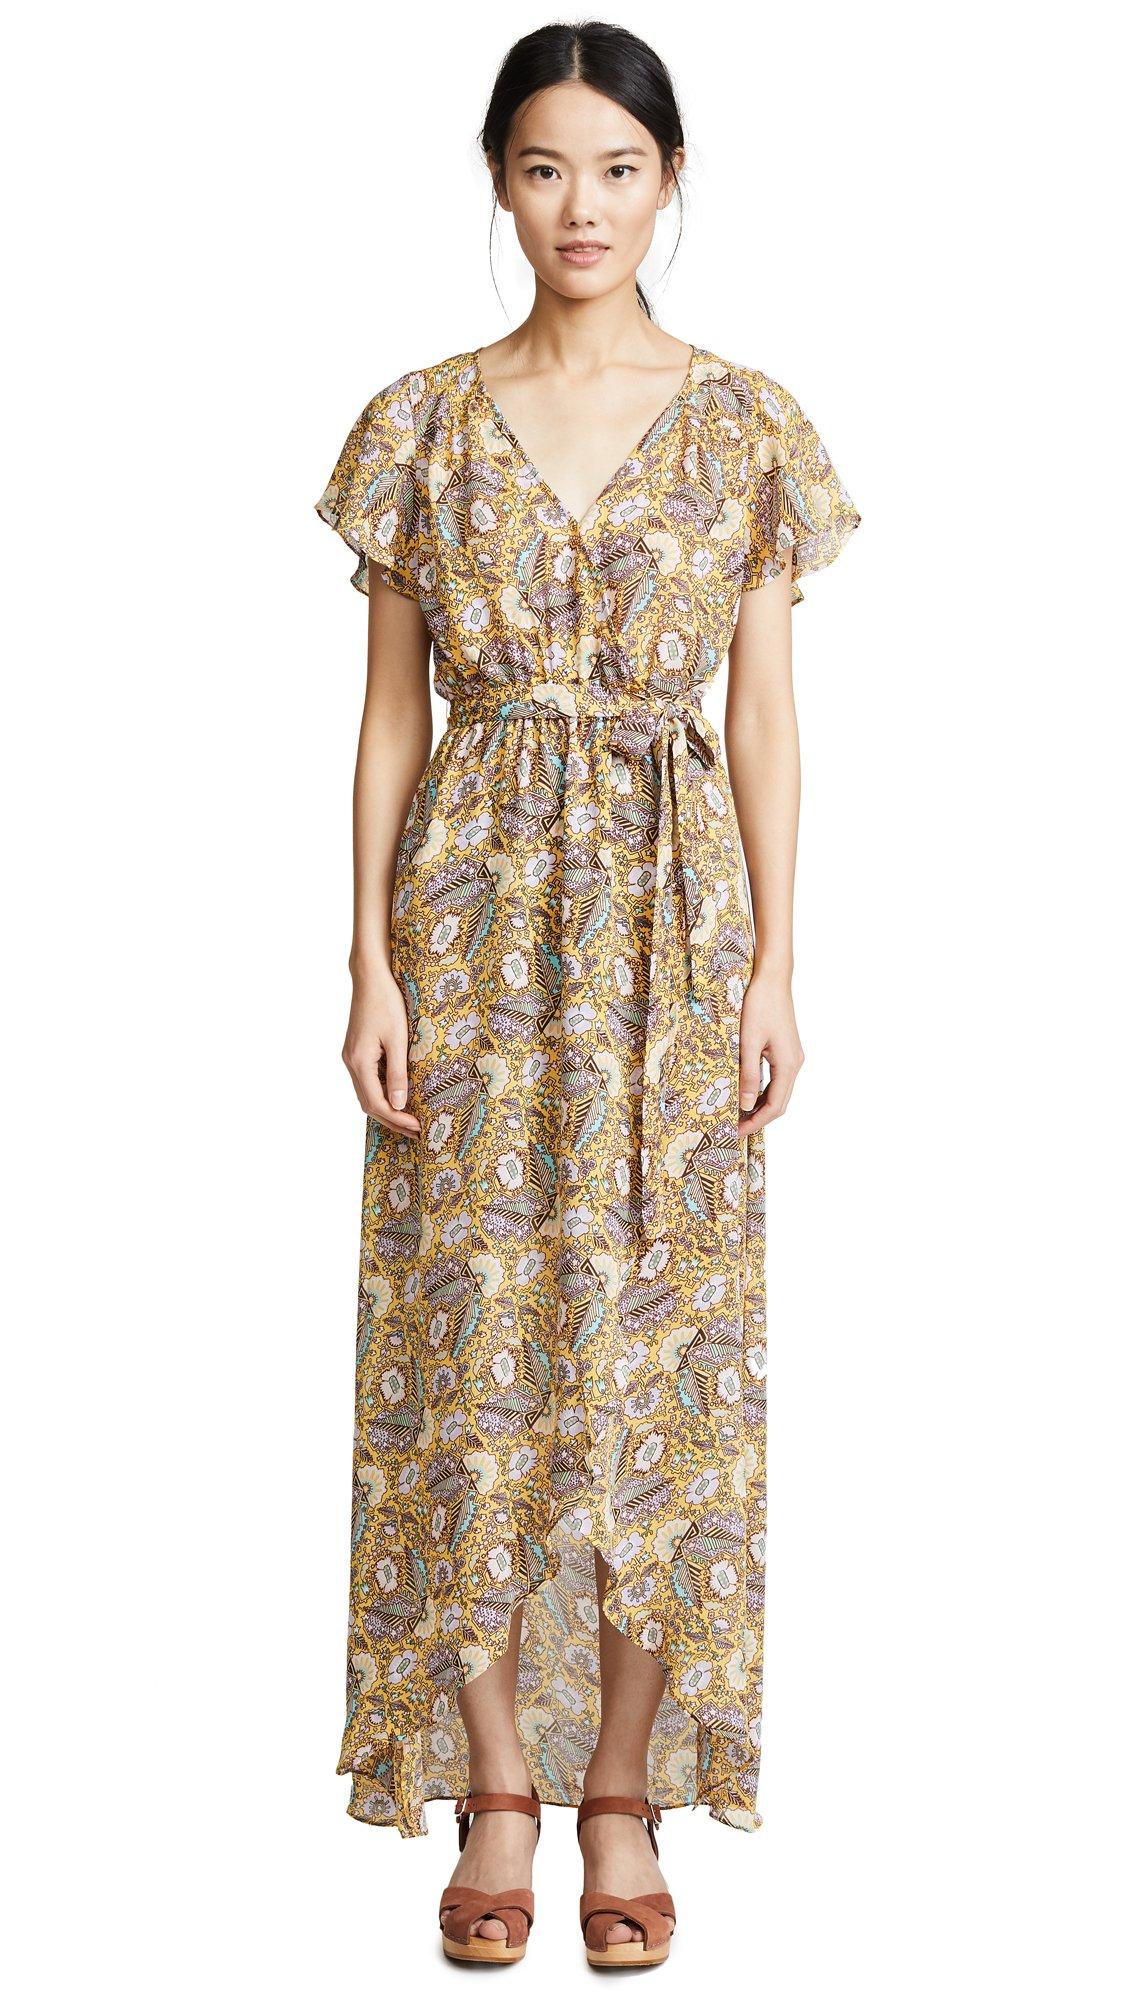 Ella Moss Women's Wrap Dress, Dandelion, L